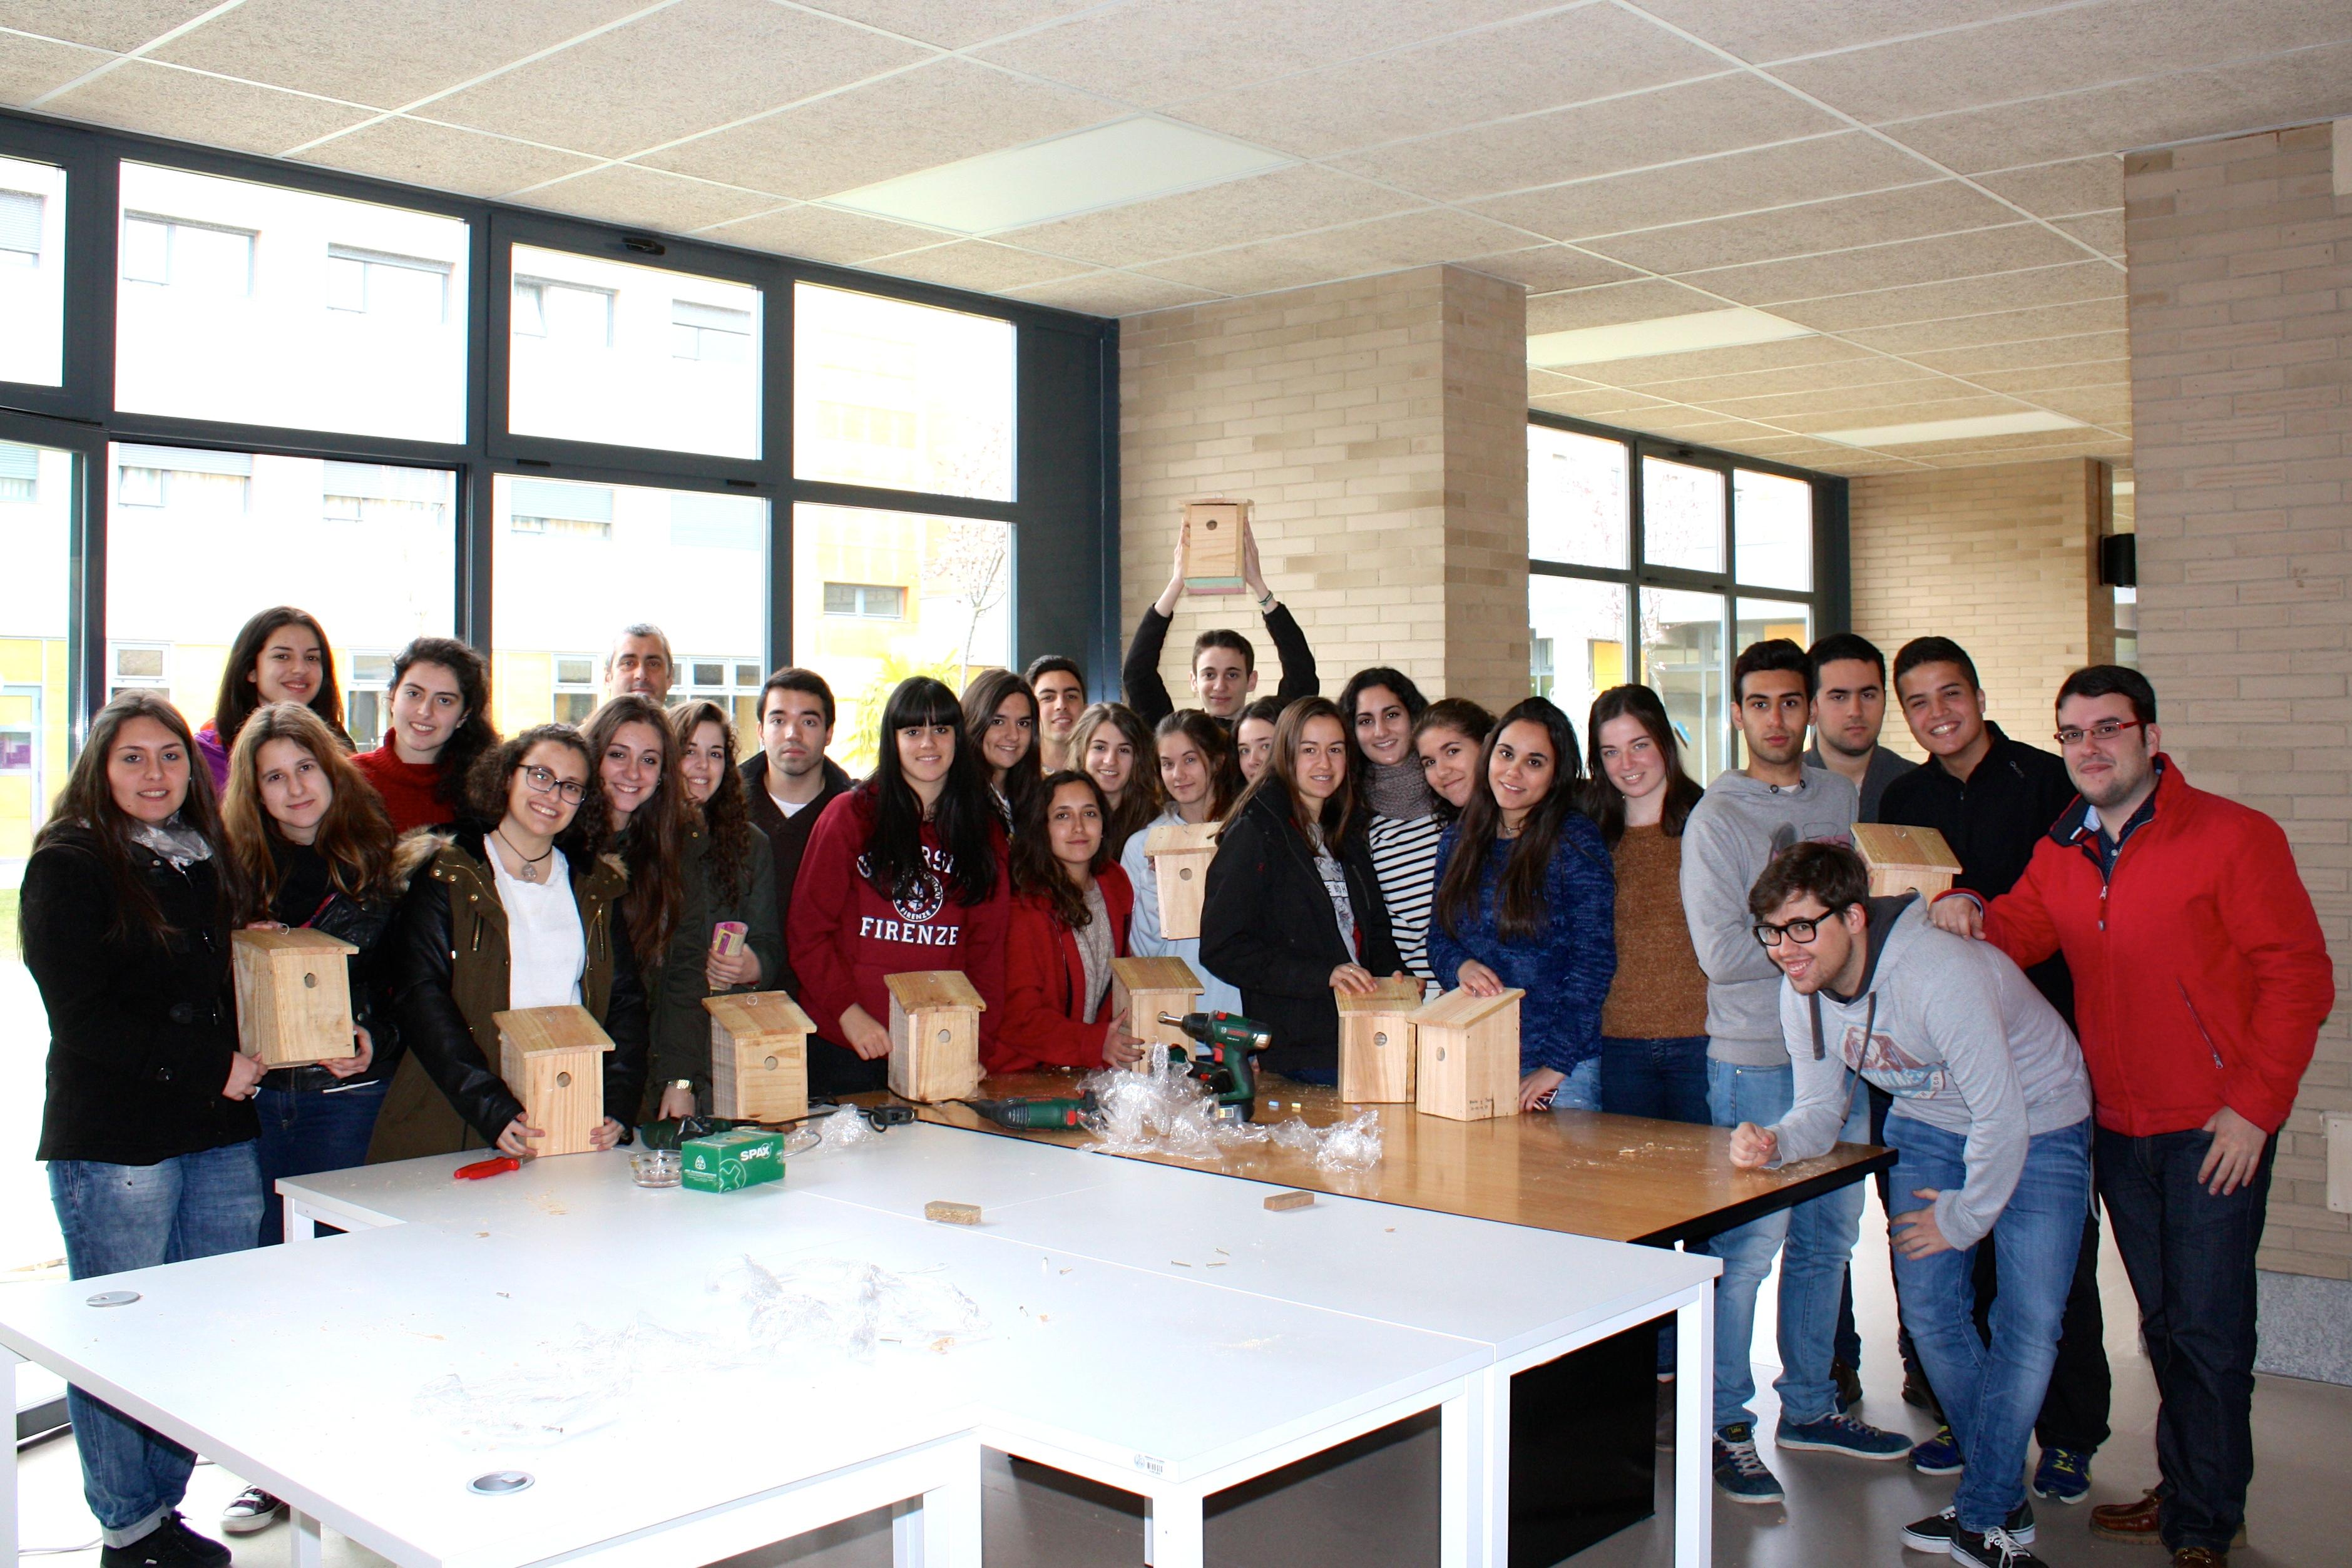 Finaliza el taller de ornitología y cajas nido en el Colegio Mayor San Bartolomé